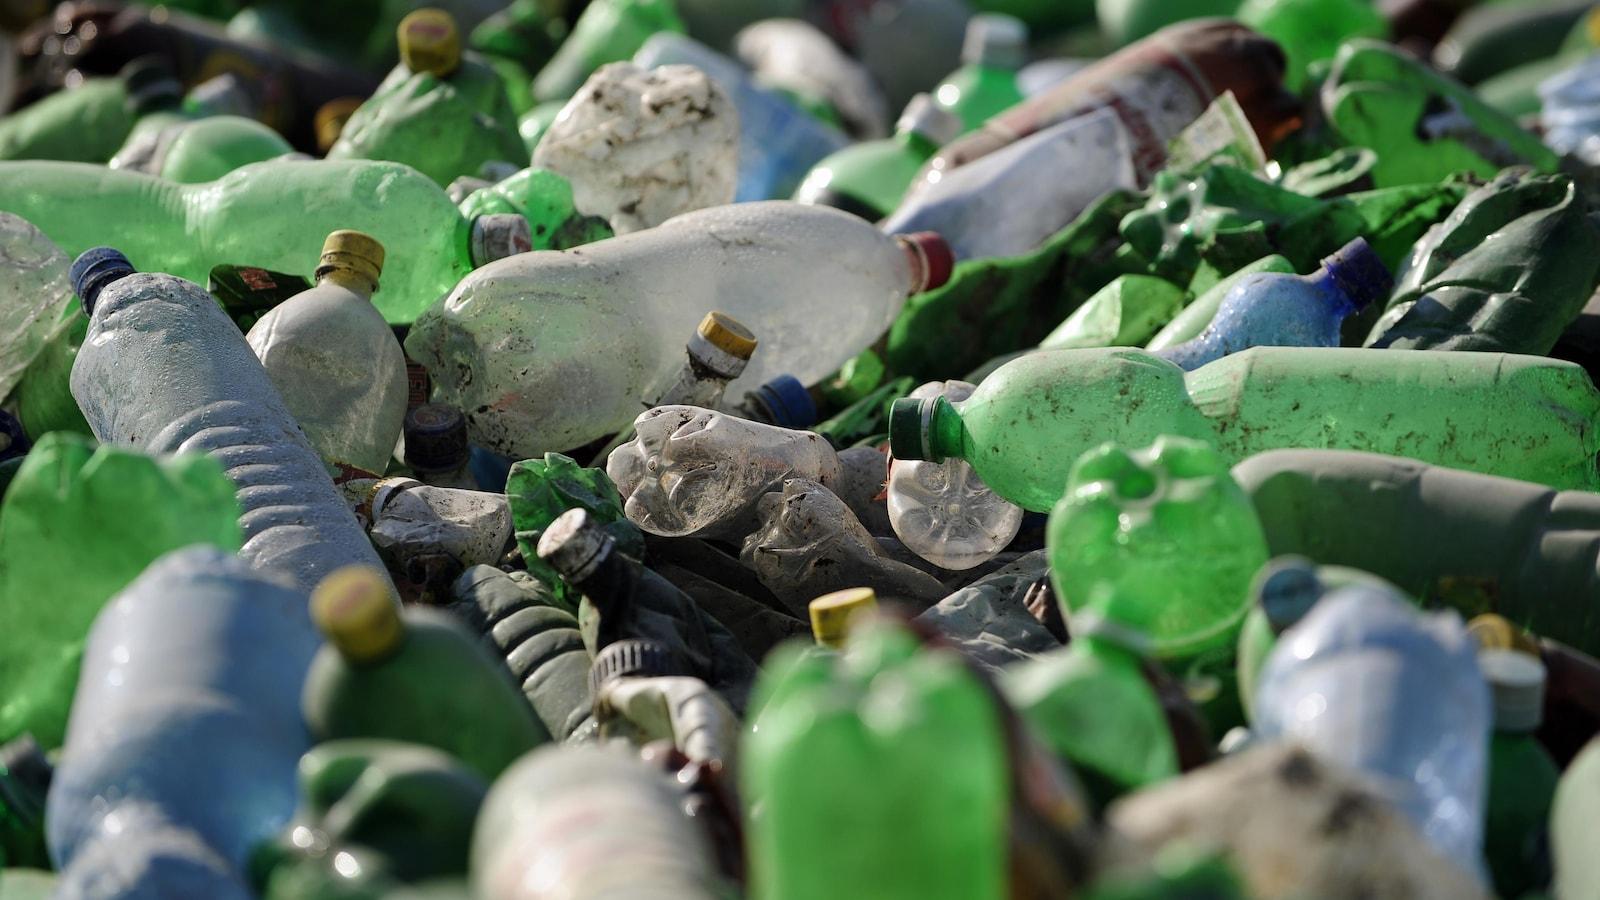 Un amoncellement de bouteilles de plastique de plusieurs couleurs.